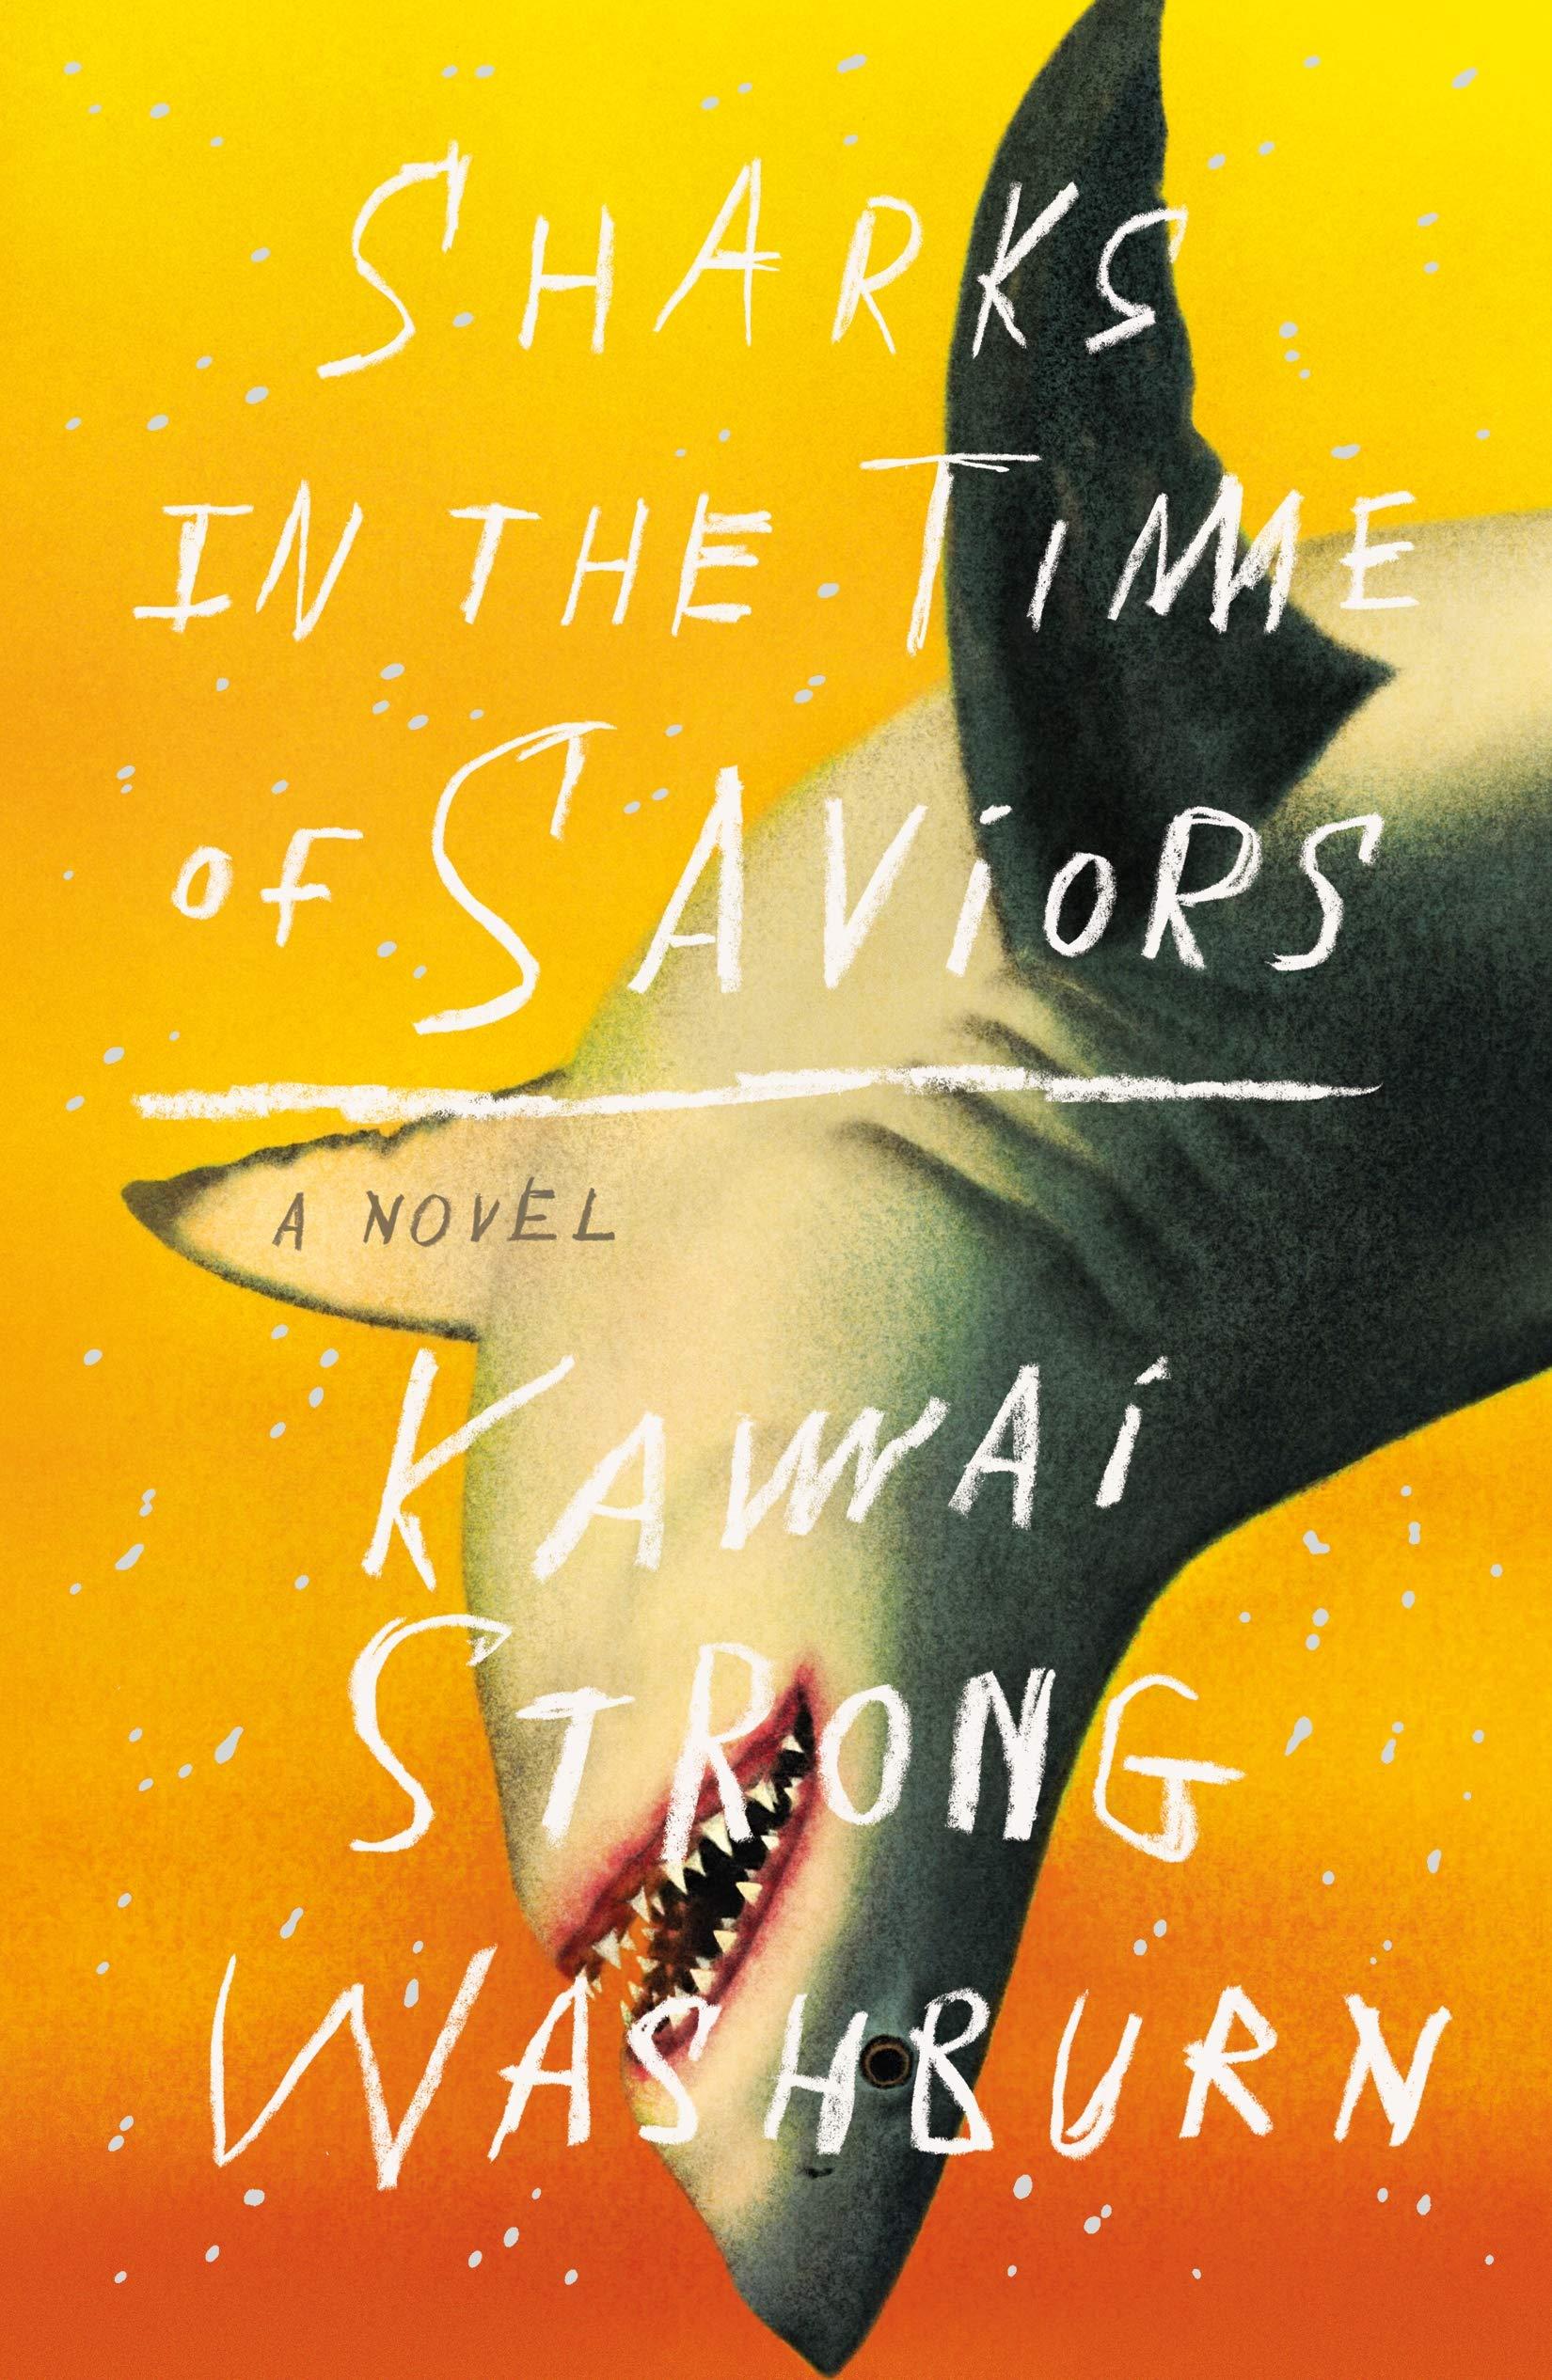 Amazon.com: Sharks in the Time of Saviors: A Novel (9780374272081):  Washburn, Kawai Strong: Books